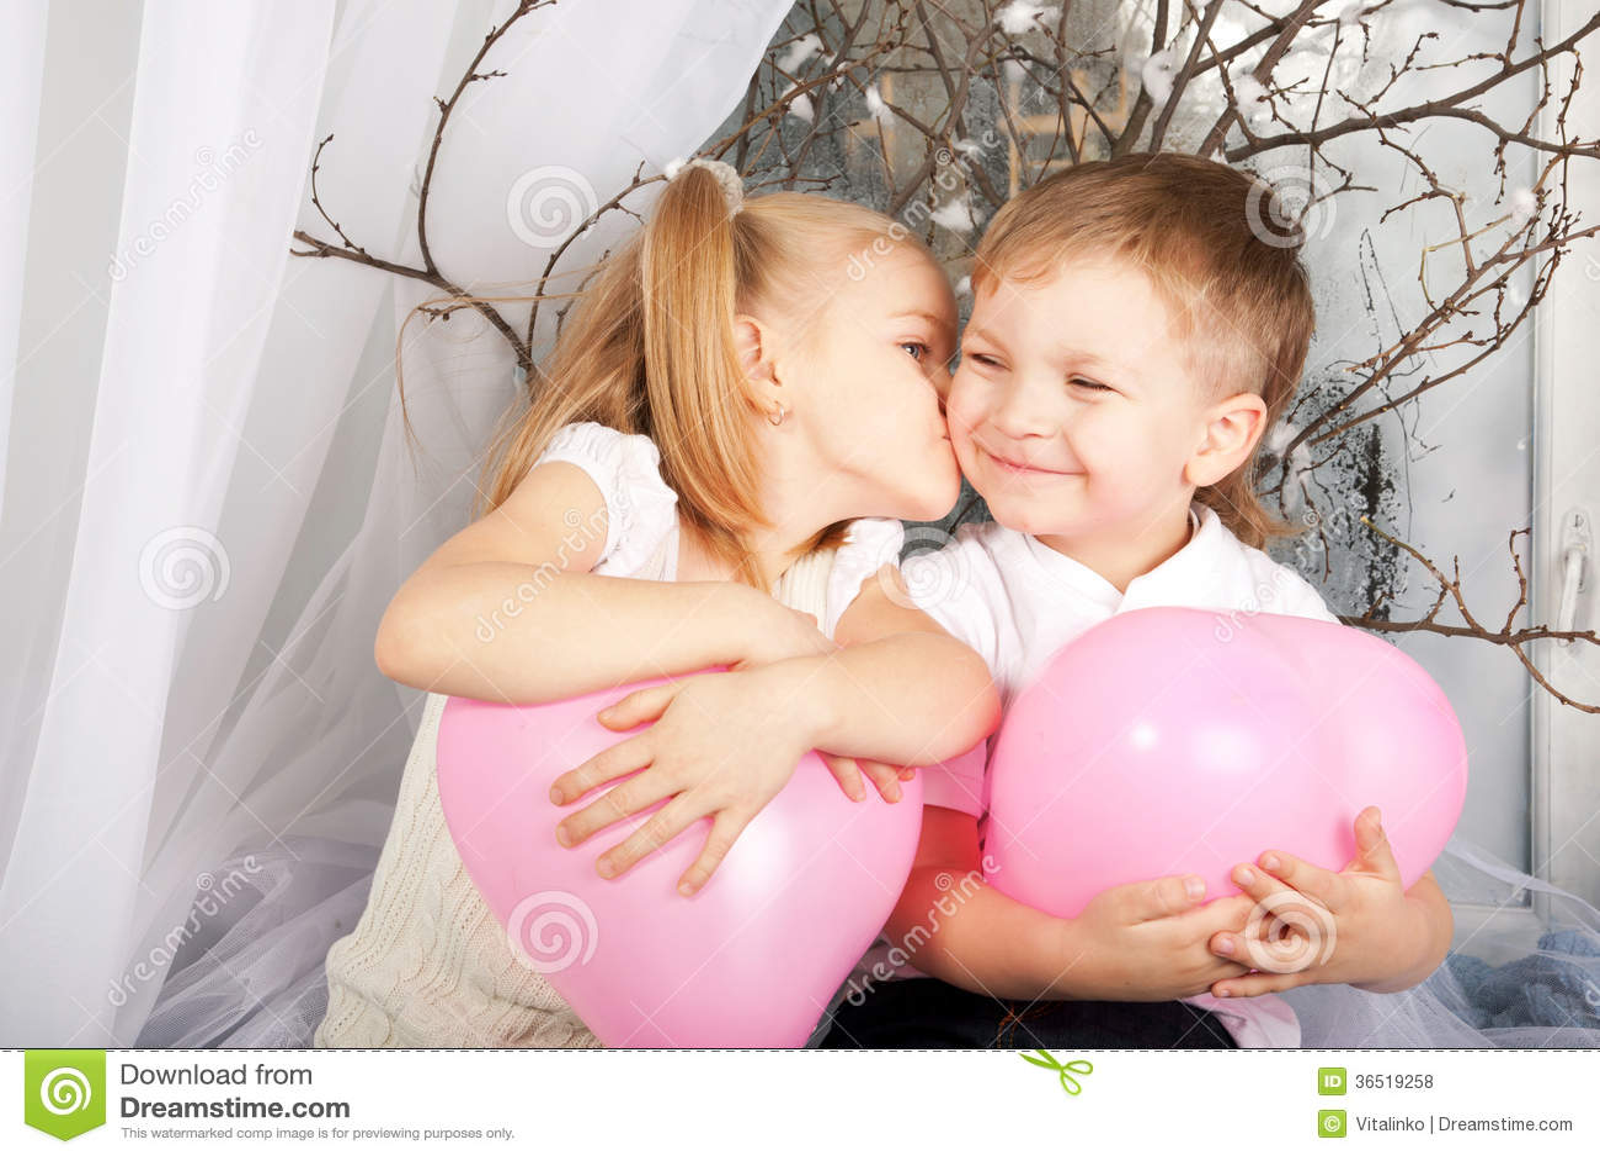 0ce14243a9 Poca coppia dei bambini che abbracciano, bacianti e tenenti il cuore  balloons. San Valentino e concetto di amore.